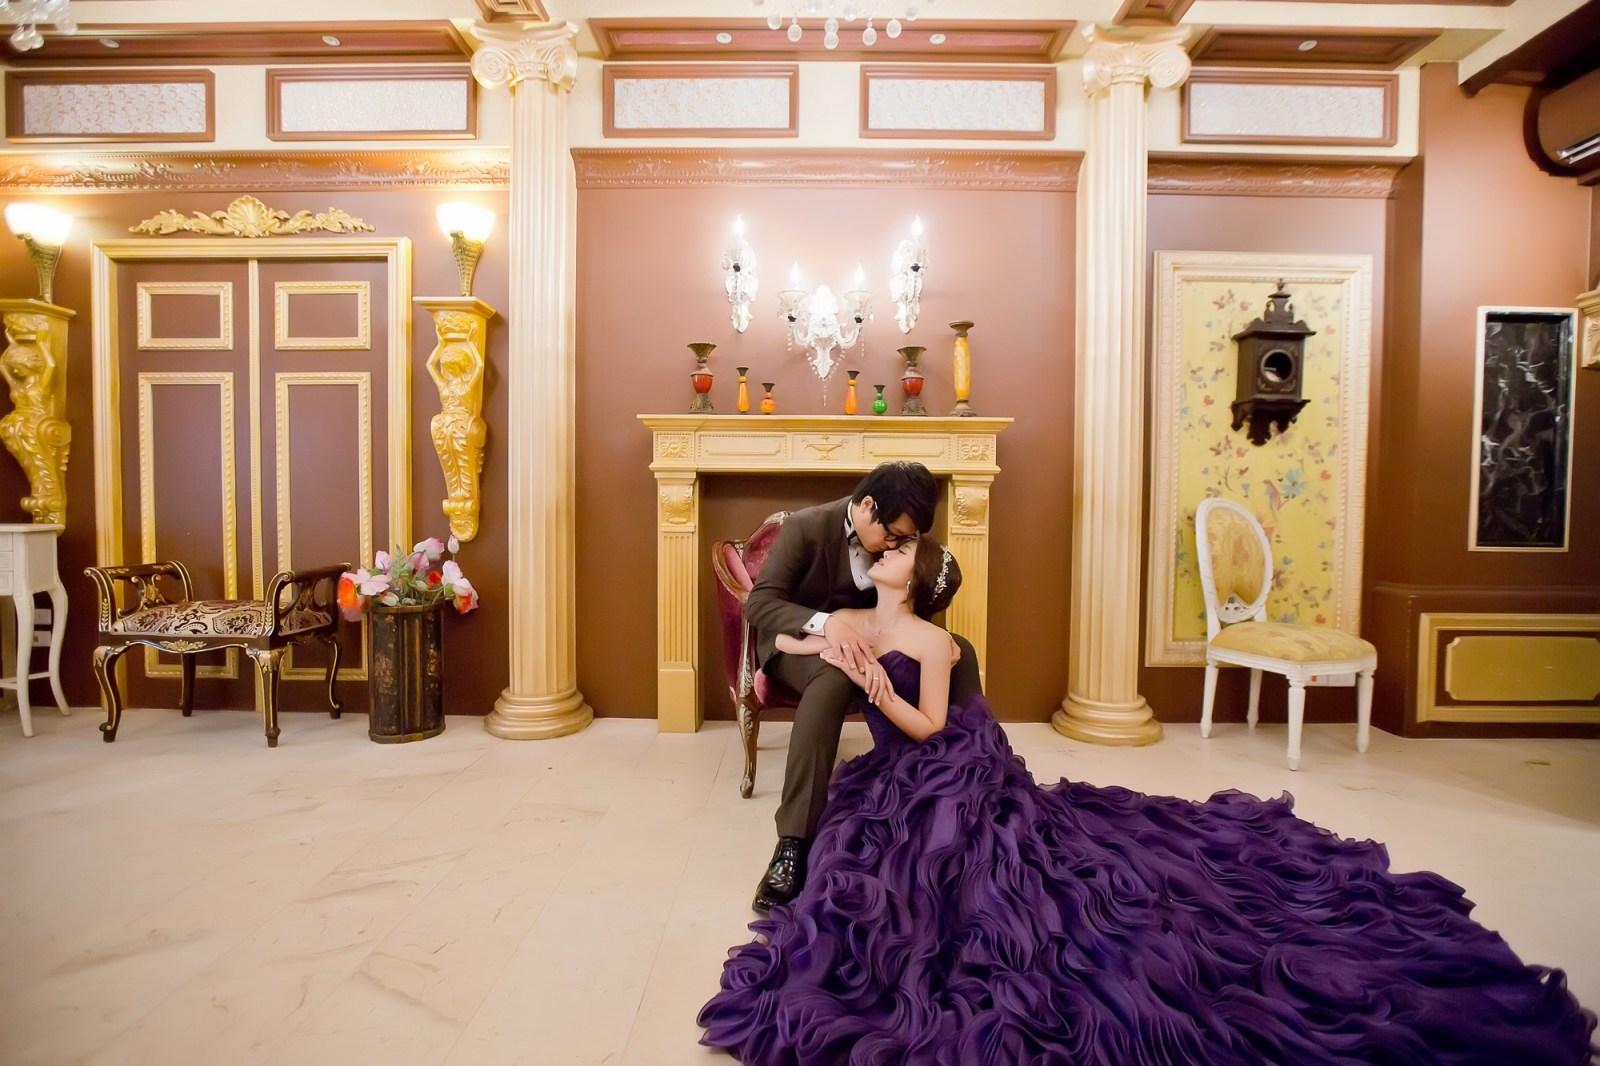 婚紗基地 手工婚紗 婚紗禮服推薦 手工婚紗單租 手工婚紗台北